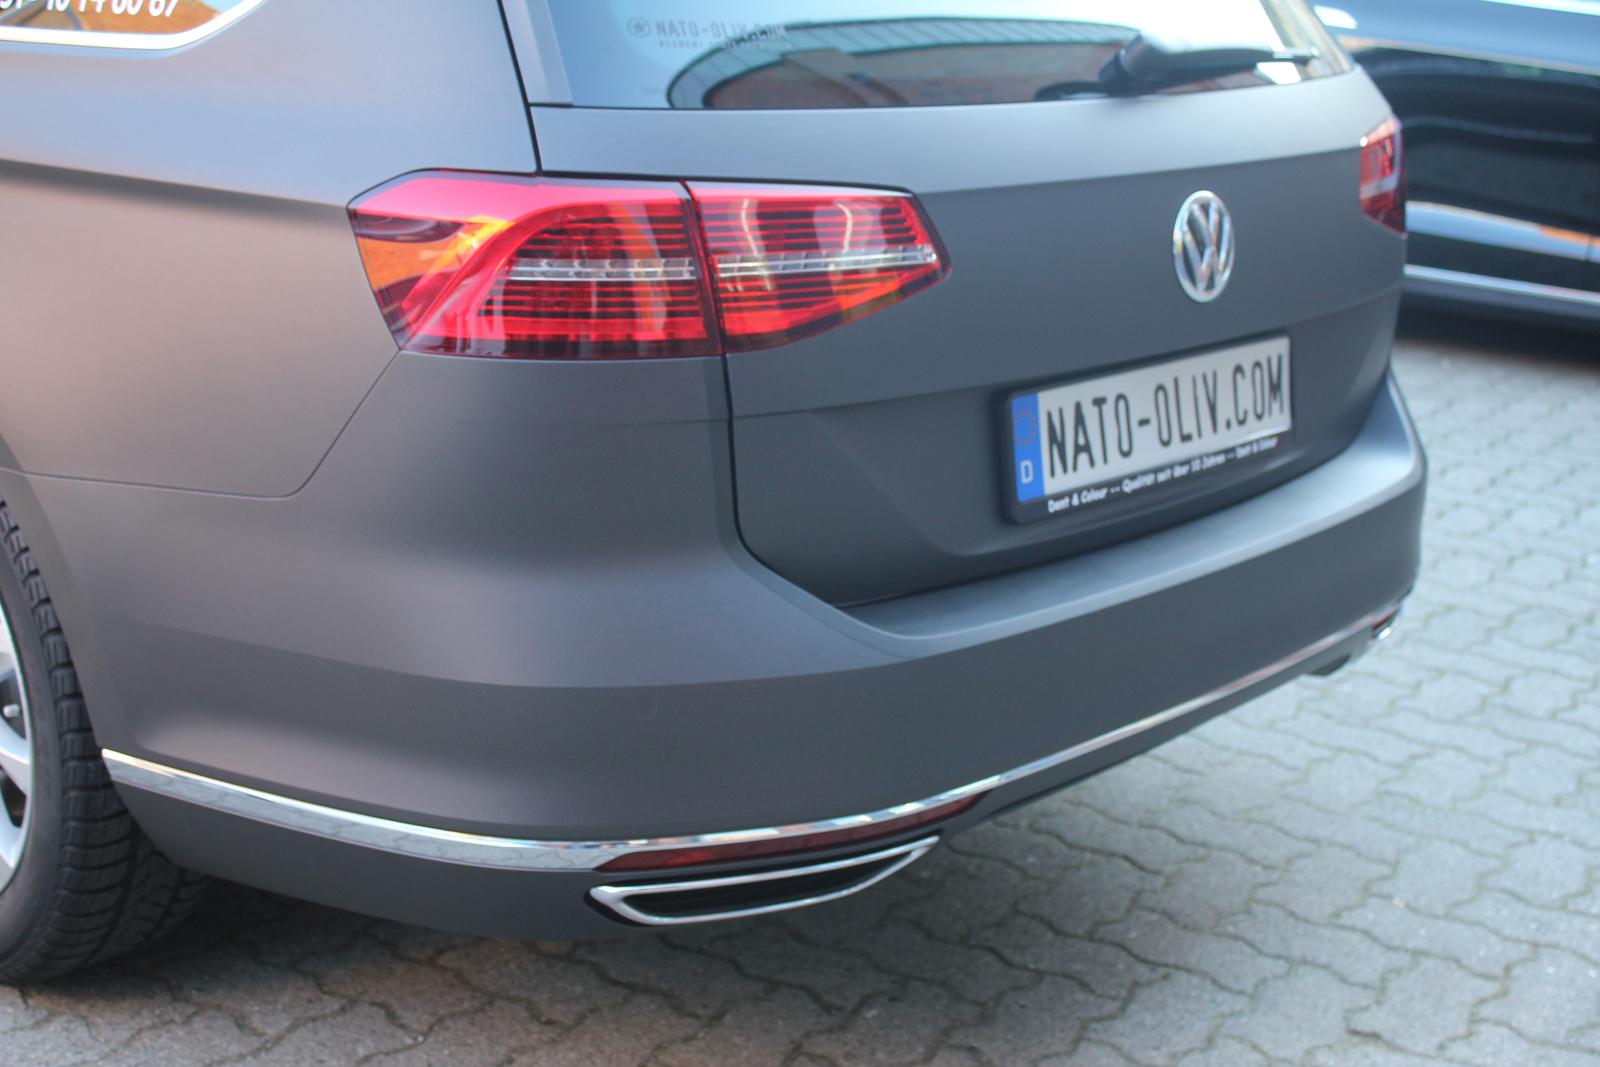 VW_PASSAT_FOLIERUNG_SCHWARZ-BRAUN_MATT_METALLIC_08